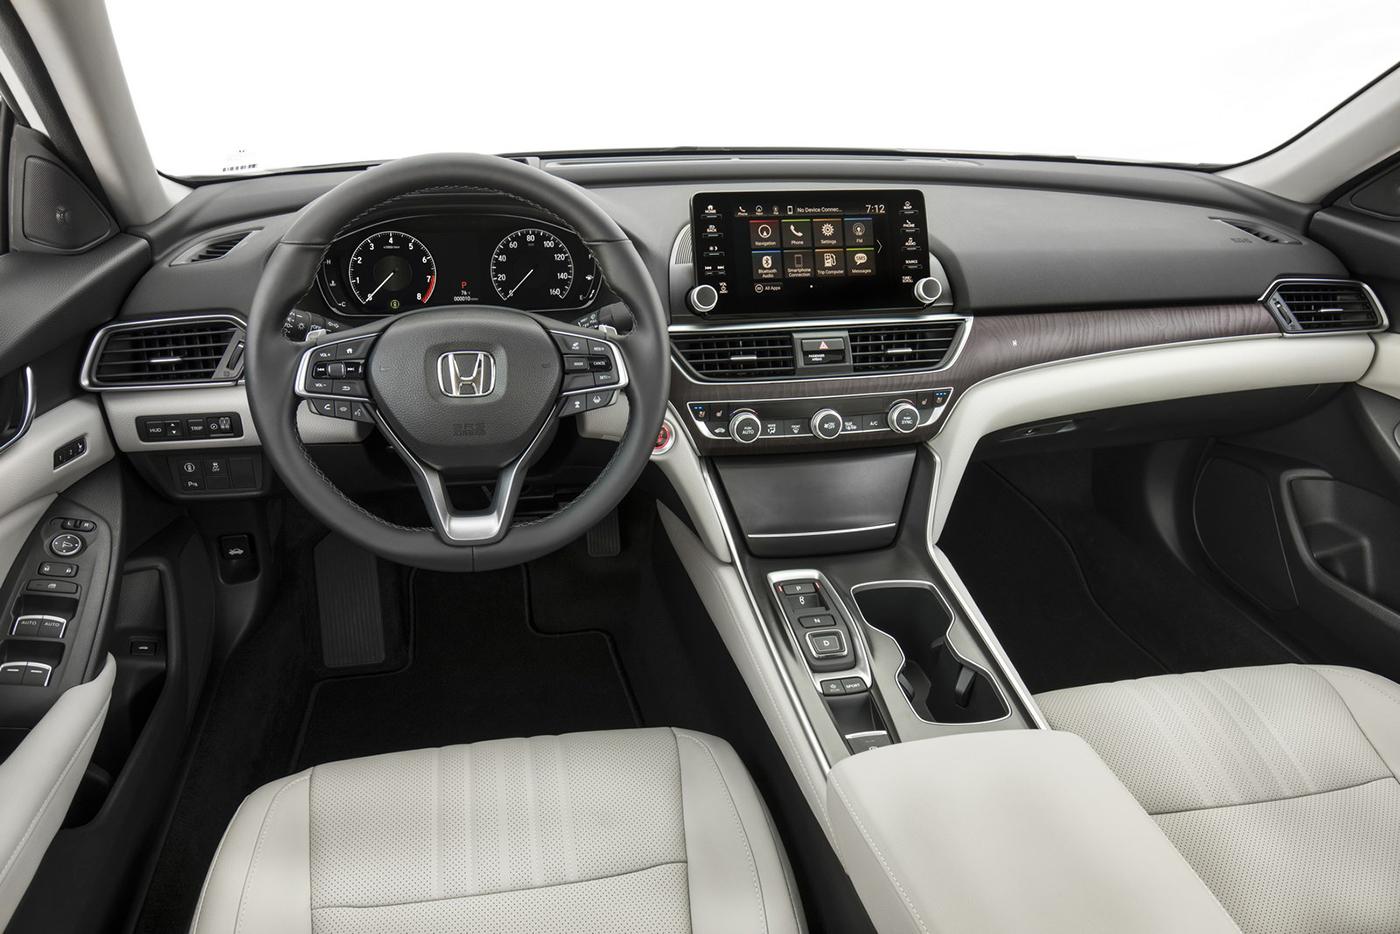 nội thất xe Honda Accord đời mới 2018 màu trắng